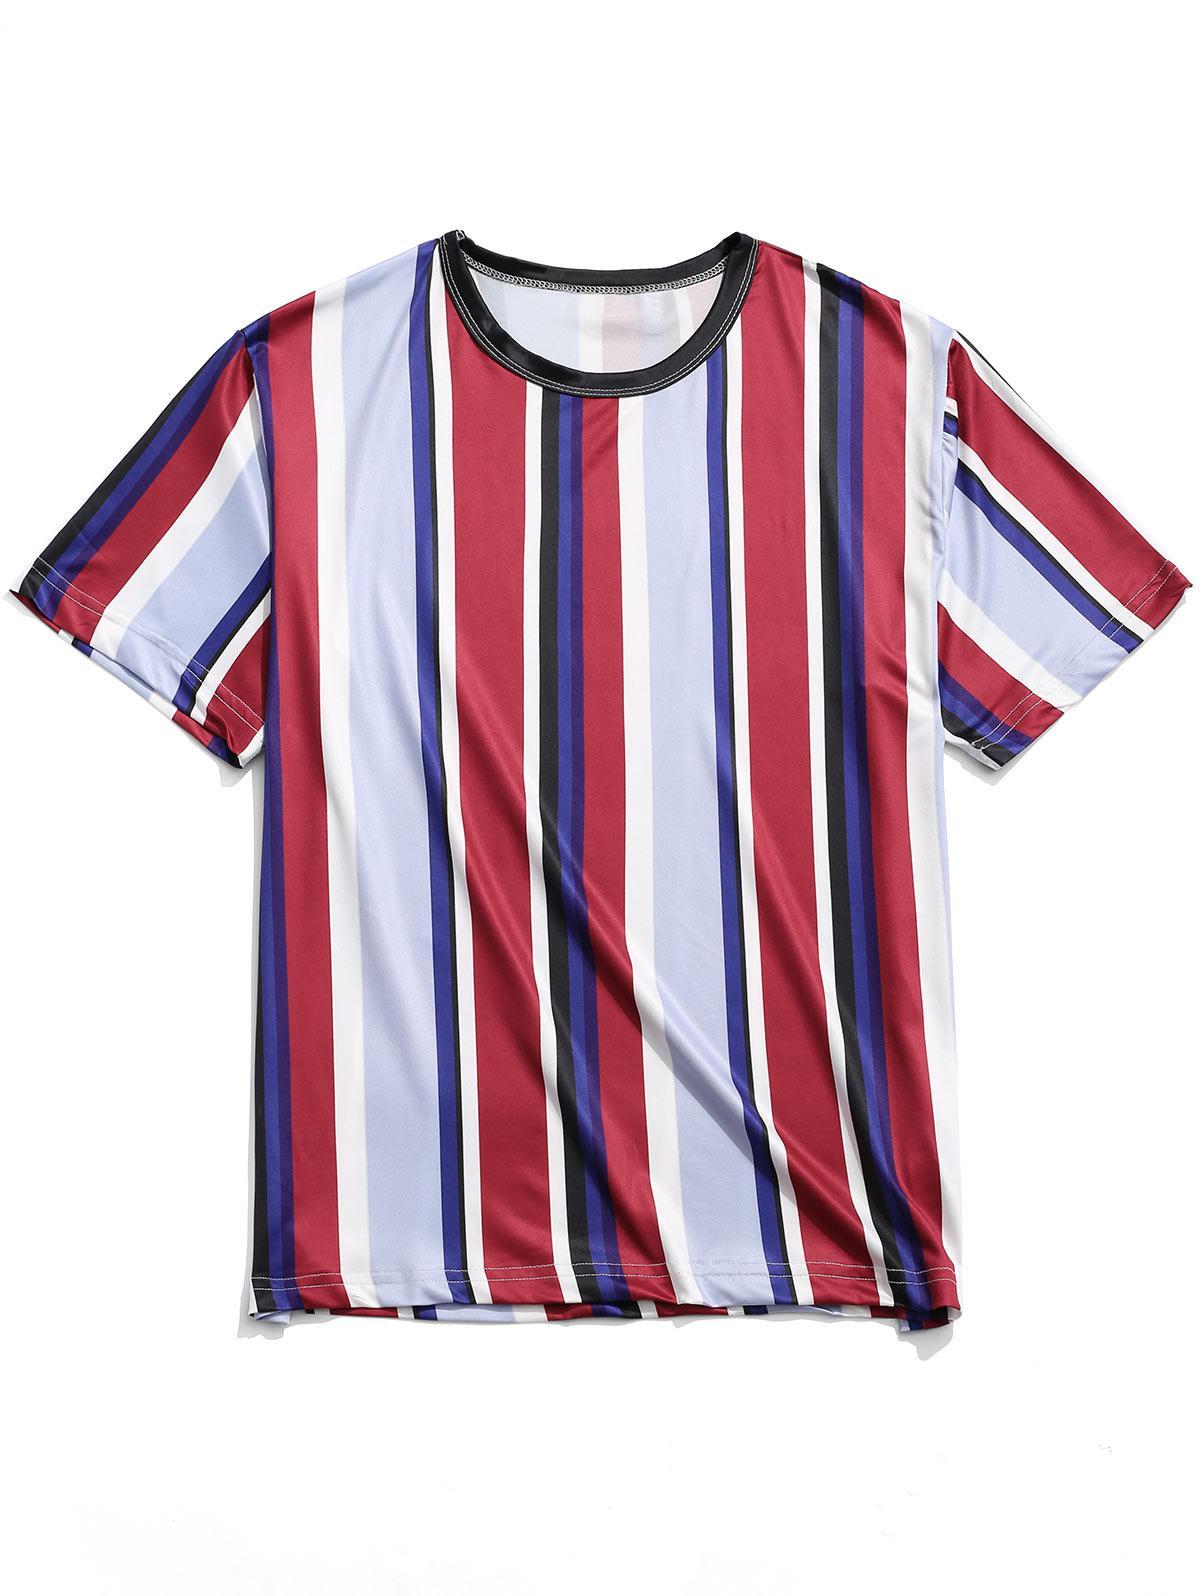 A Strisce verticali Stampa Casual Manica Corta T-shirt